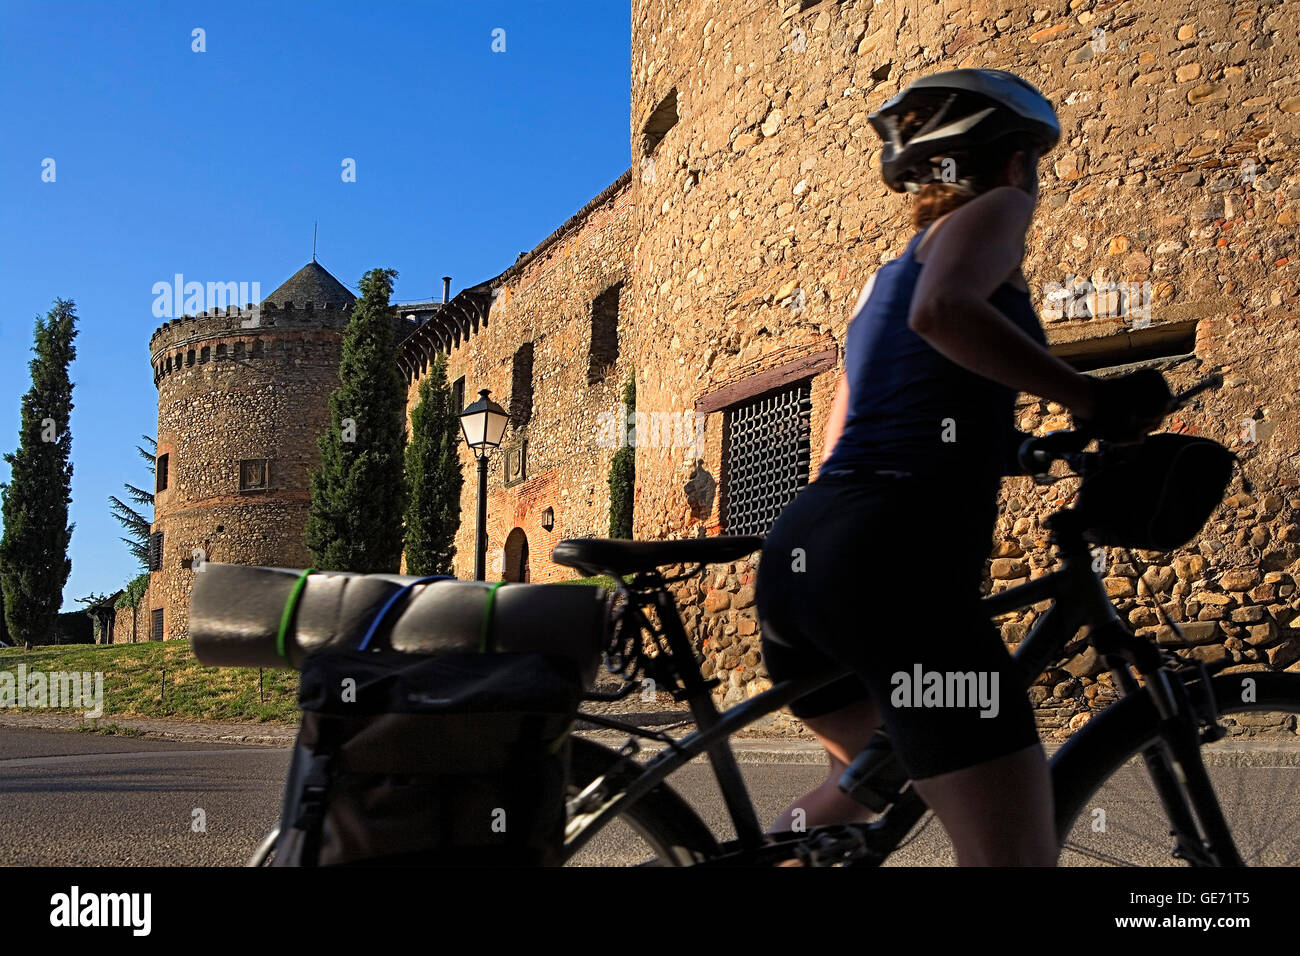 Marqueses de Villafranca castle and pilgrim. Villafranca del Bierzo. León  province.Spain. Camino de Santiago - Stock Image